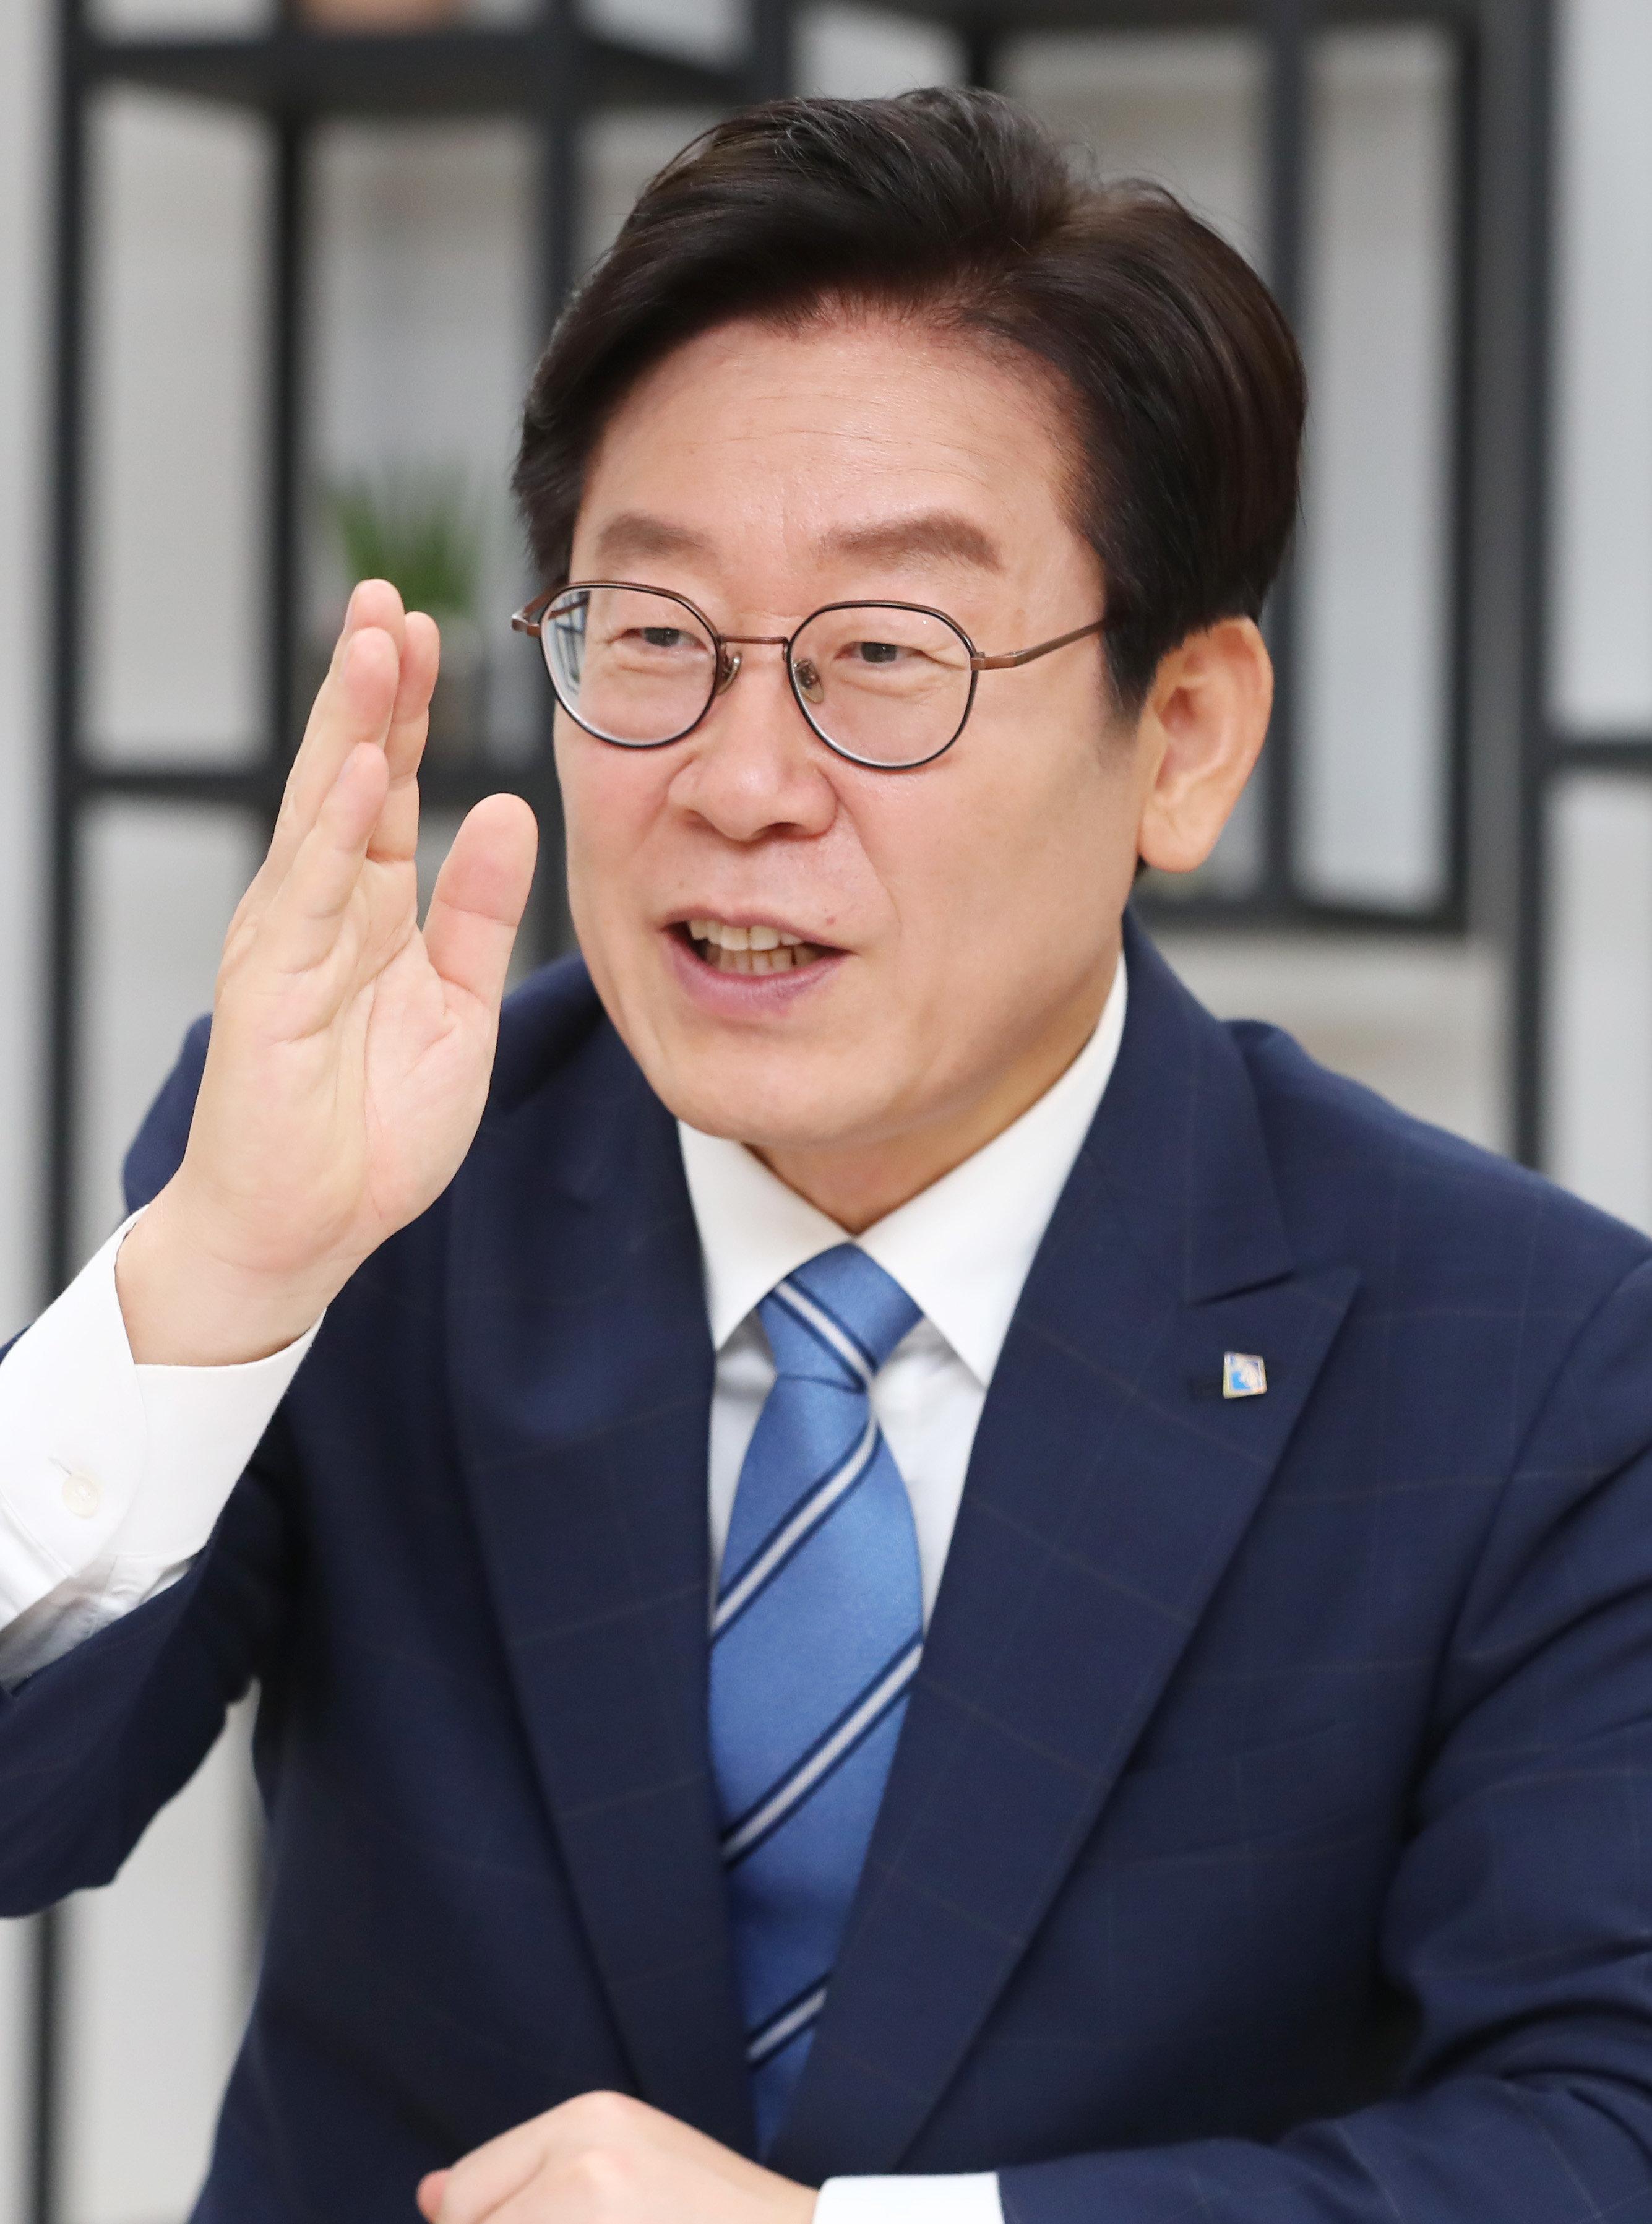 """""""심각한 명예훼손"""" 이재명 반발에 그알 제작진이 밝힌 입장 (전문)"""